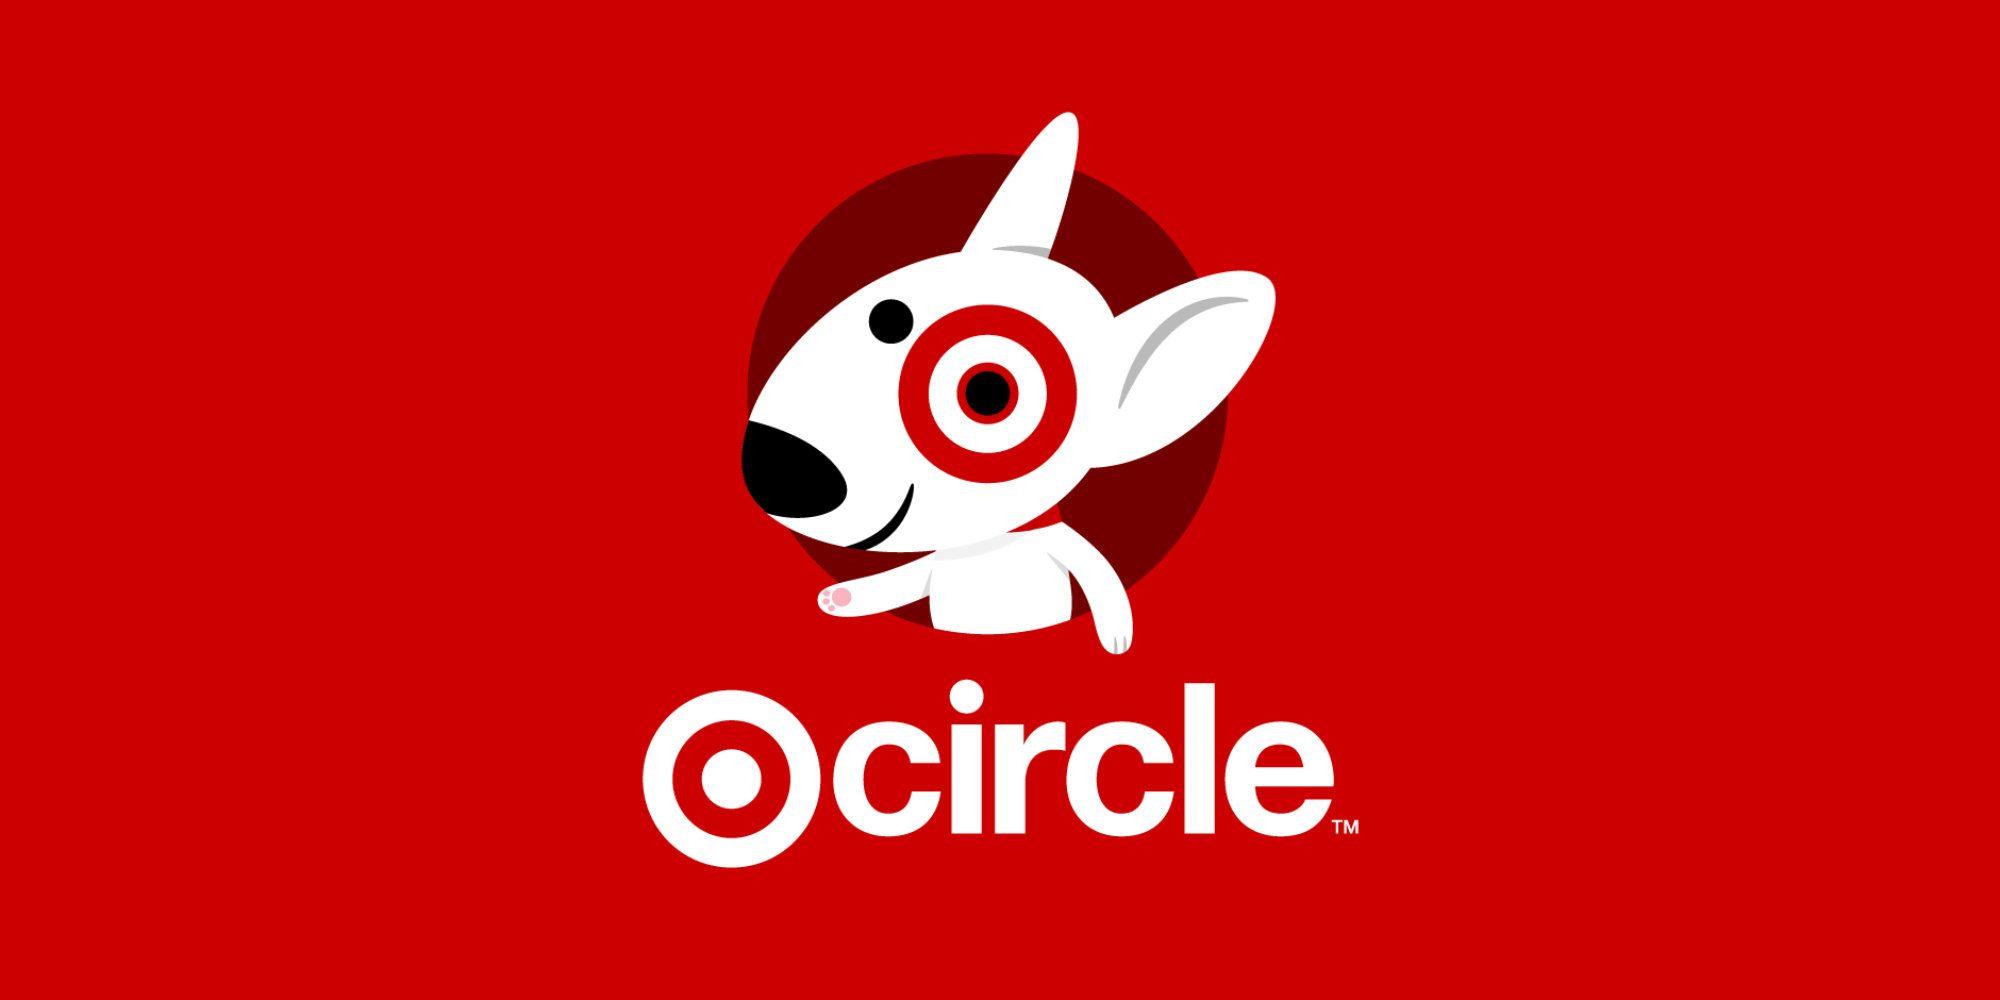 Target Black Friday 2019 Circle program